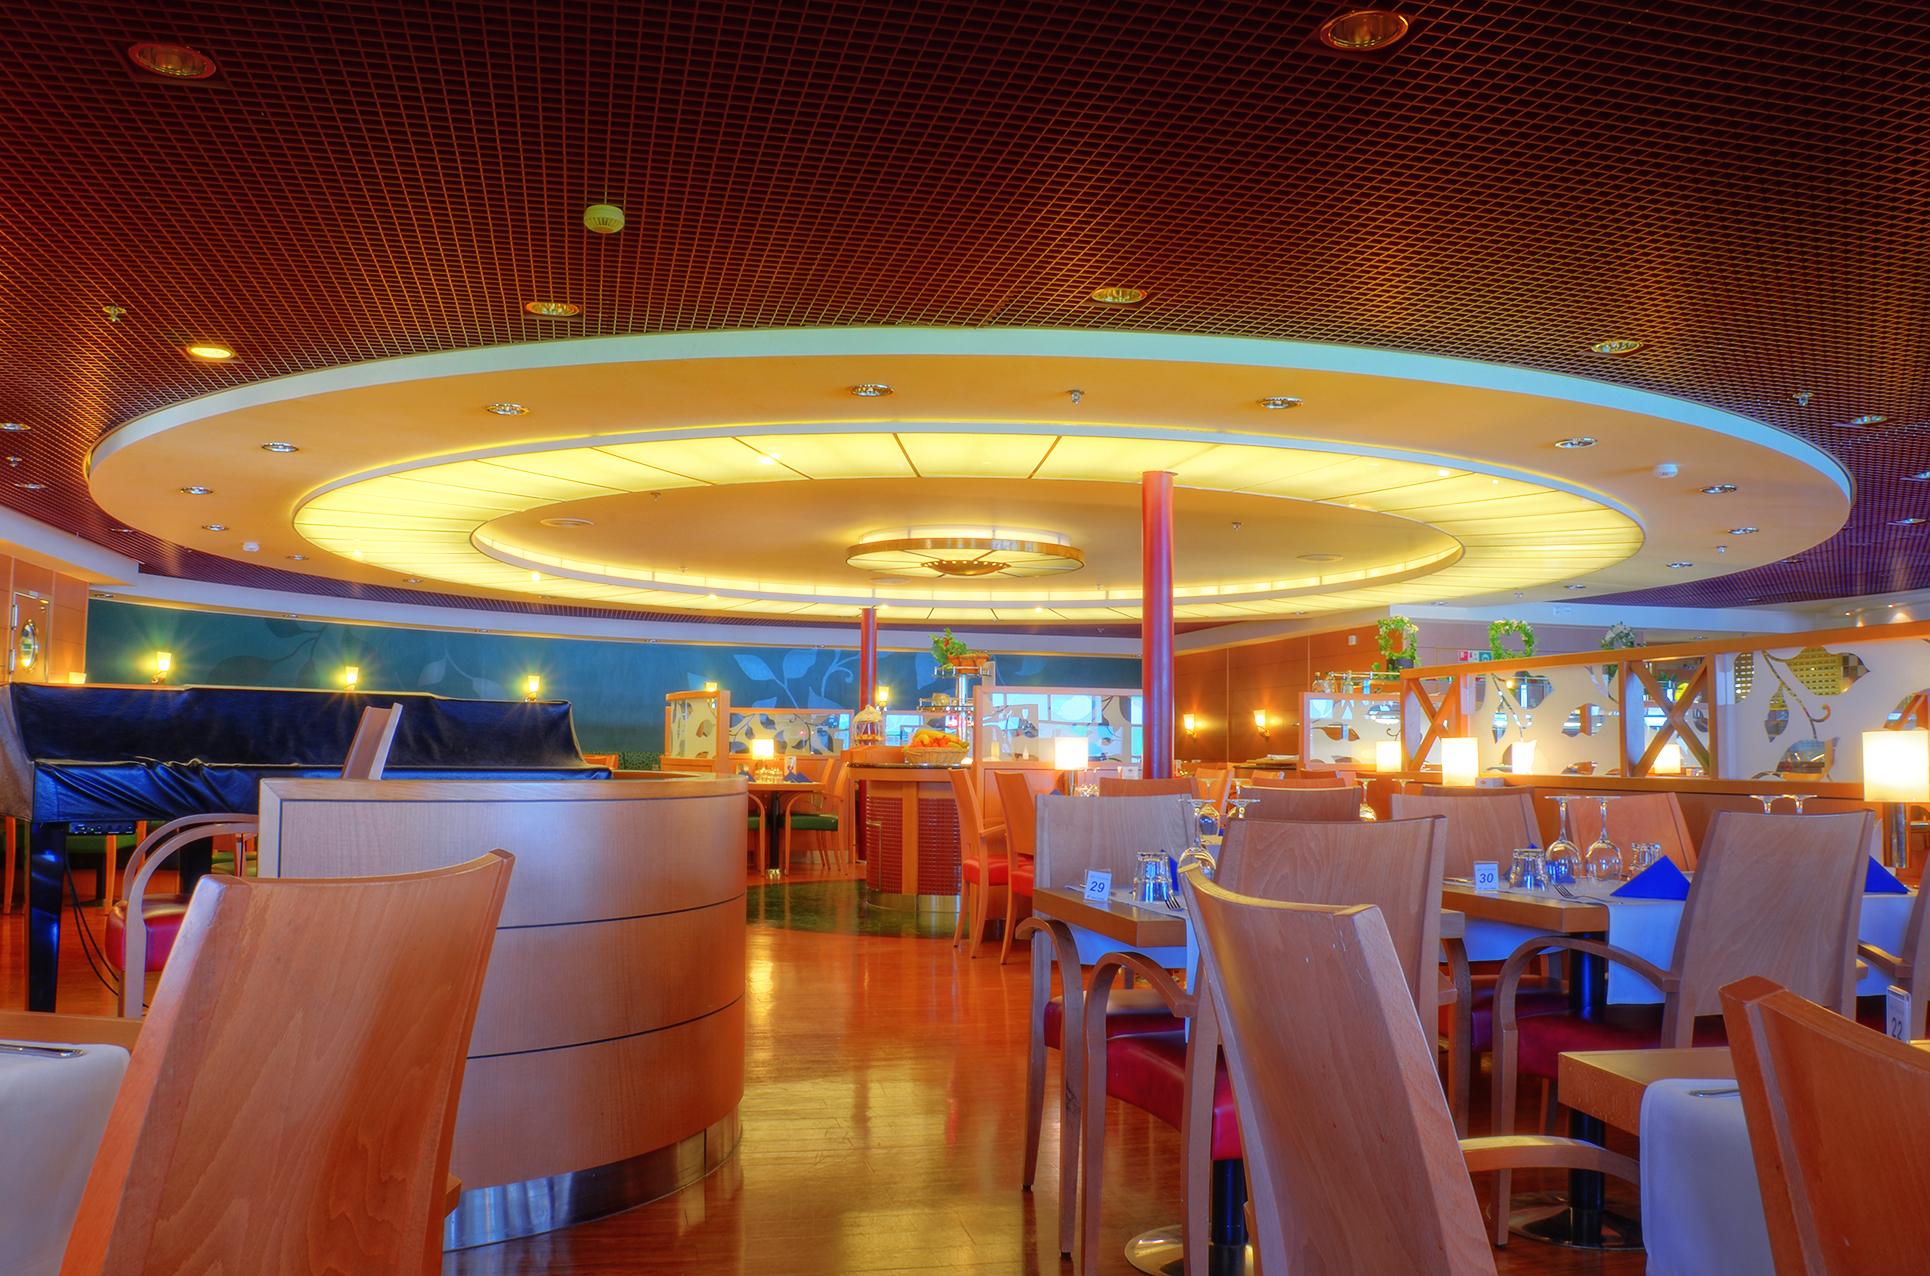 La Piazza Restaurant Cafe K Ef Bf Bdln